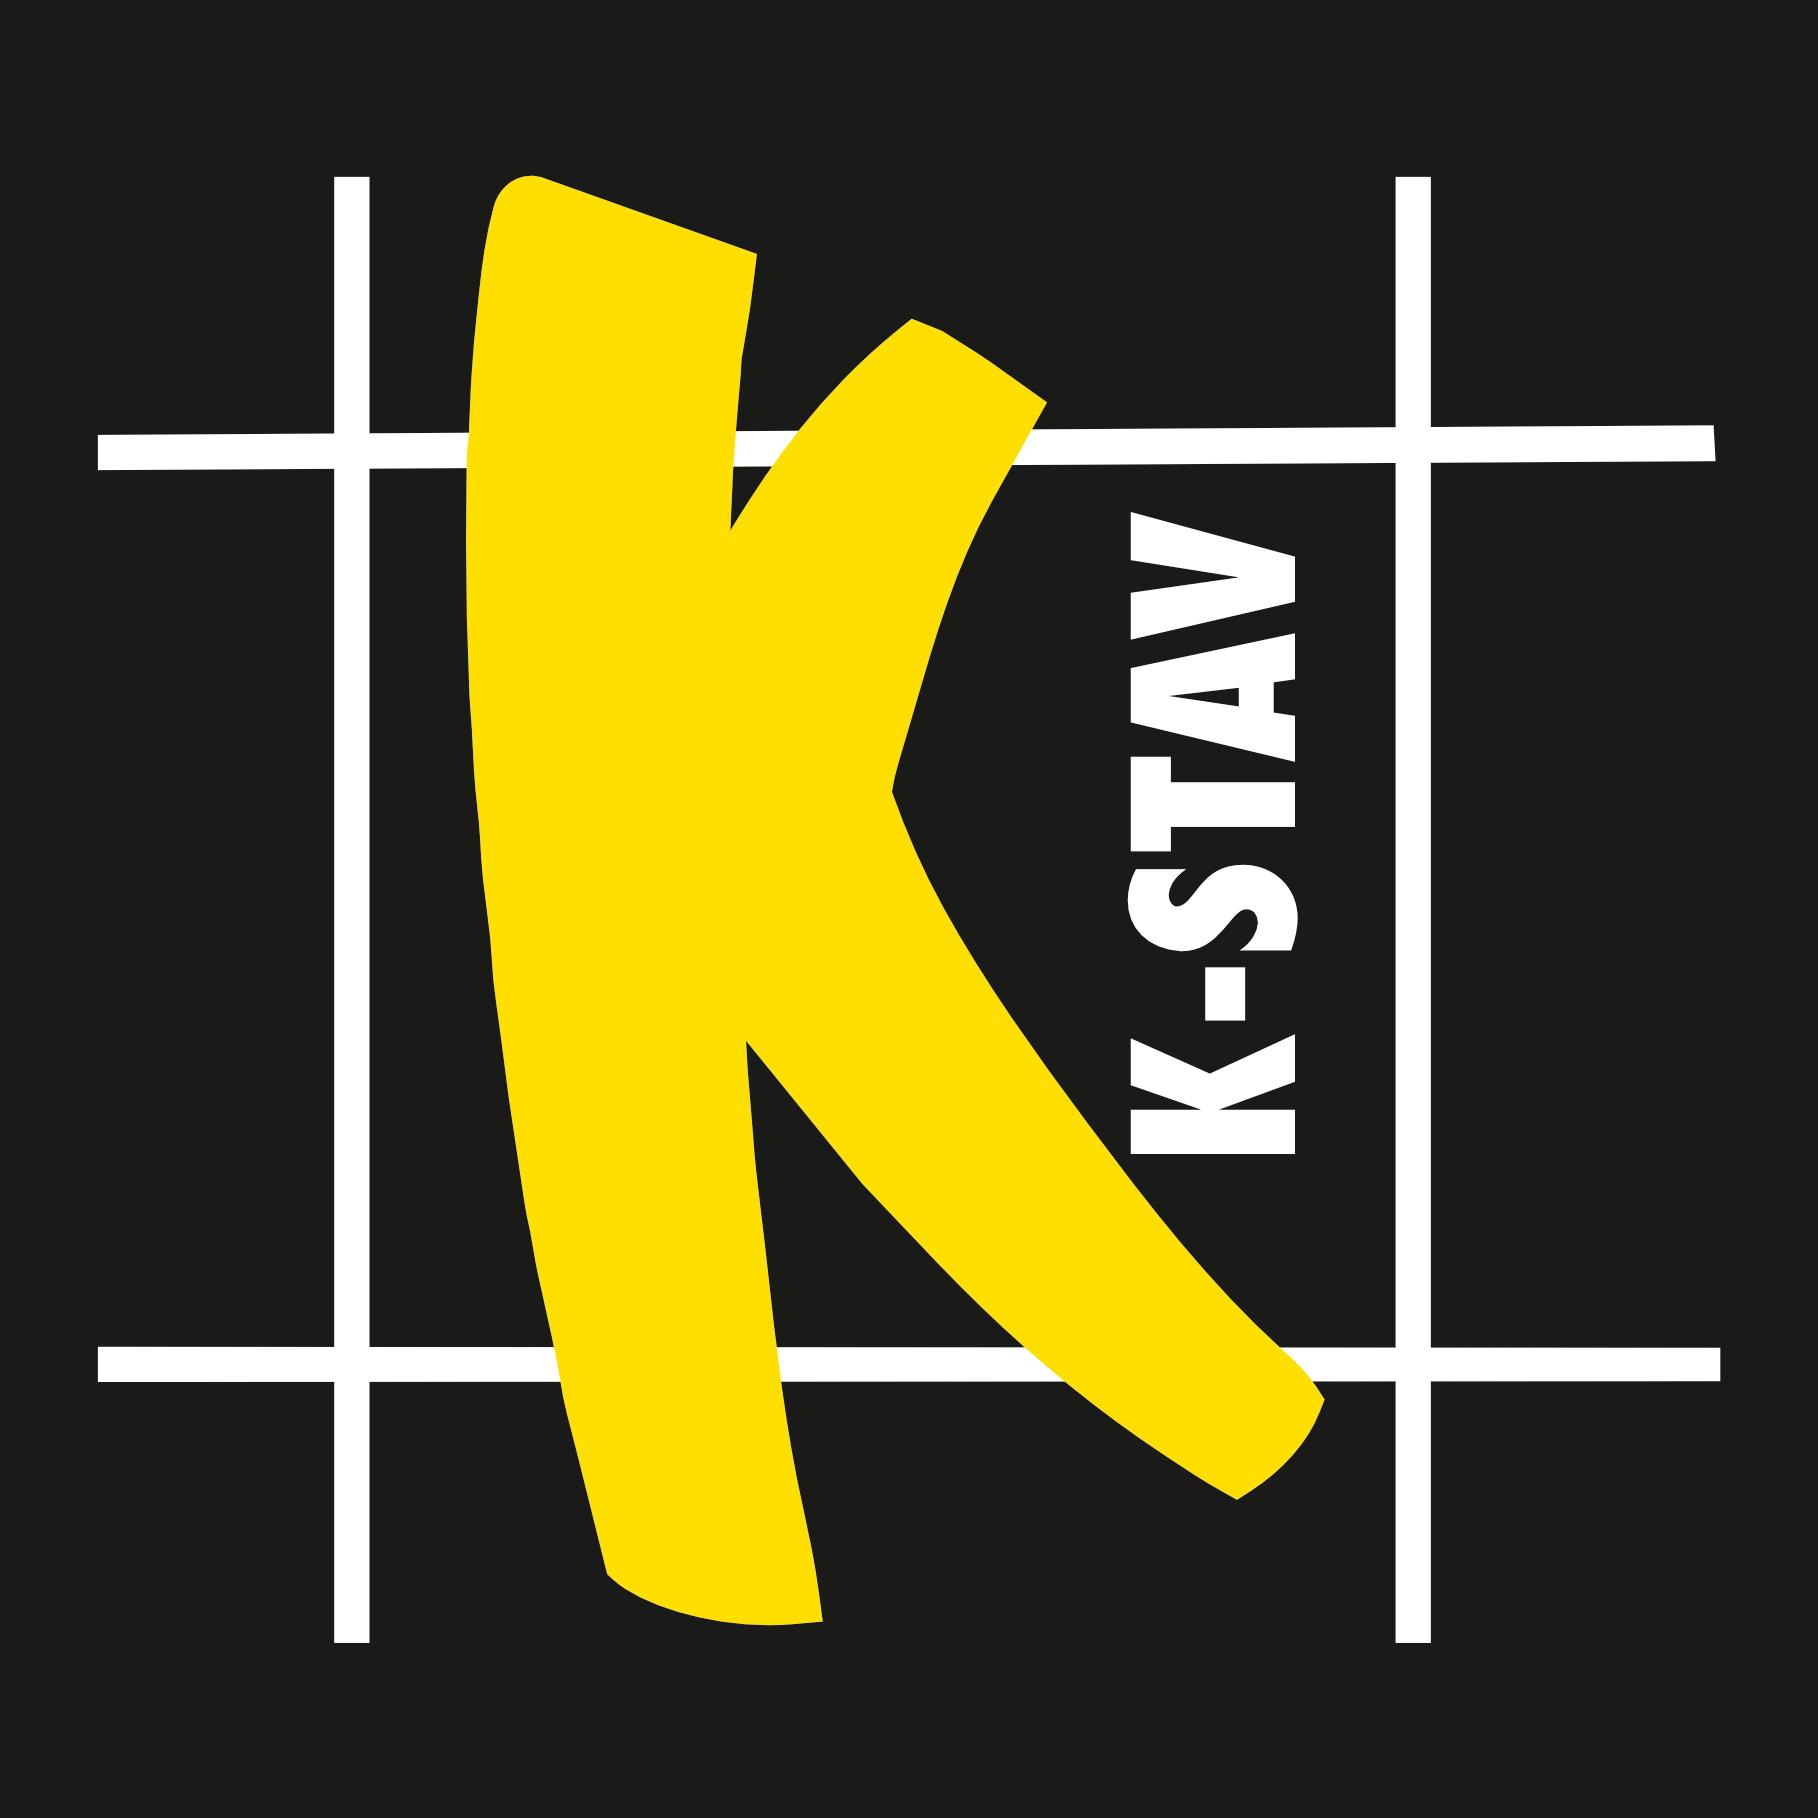 logo K - STAV, s.r.o., Teplice